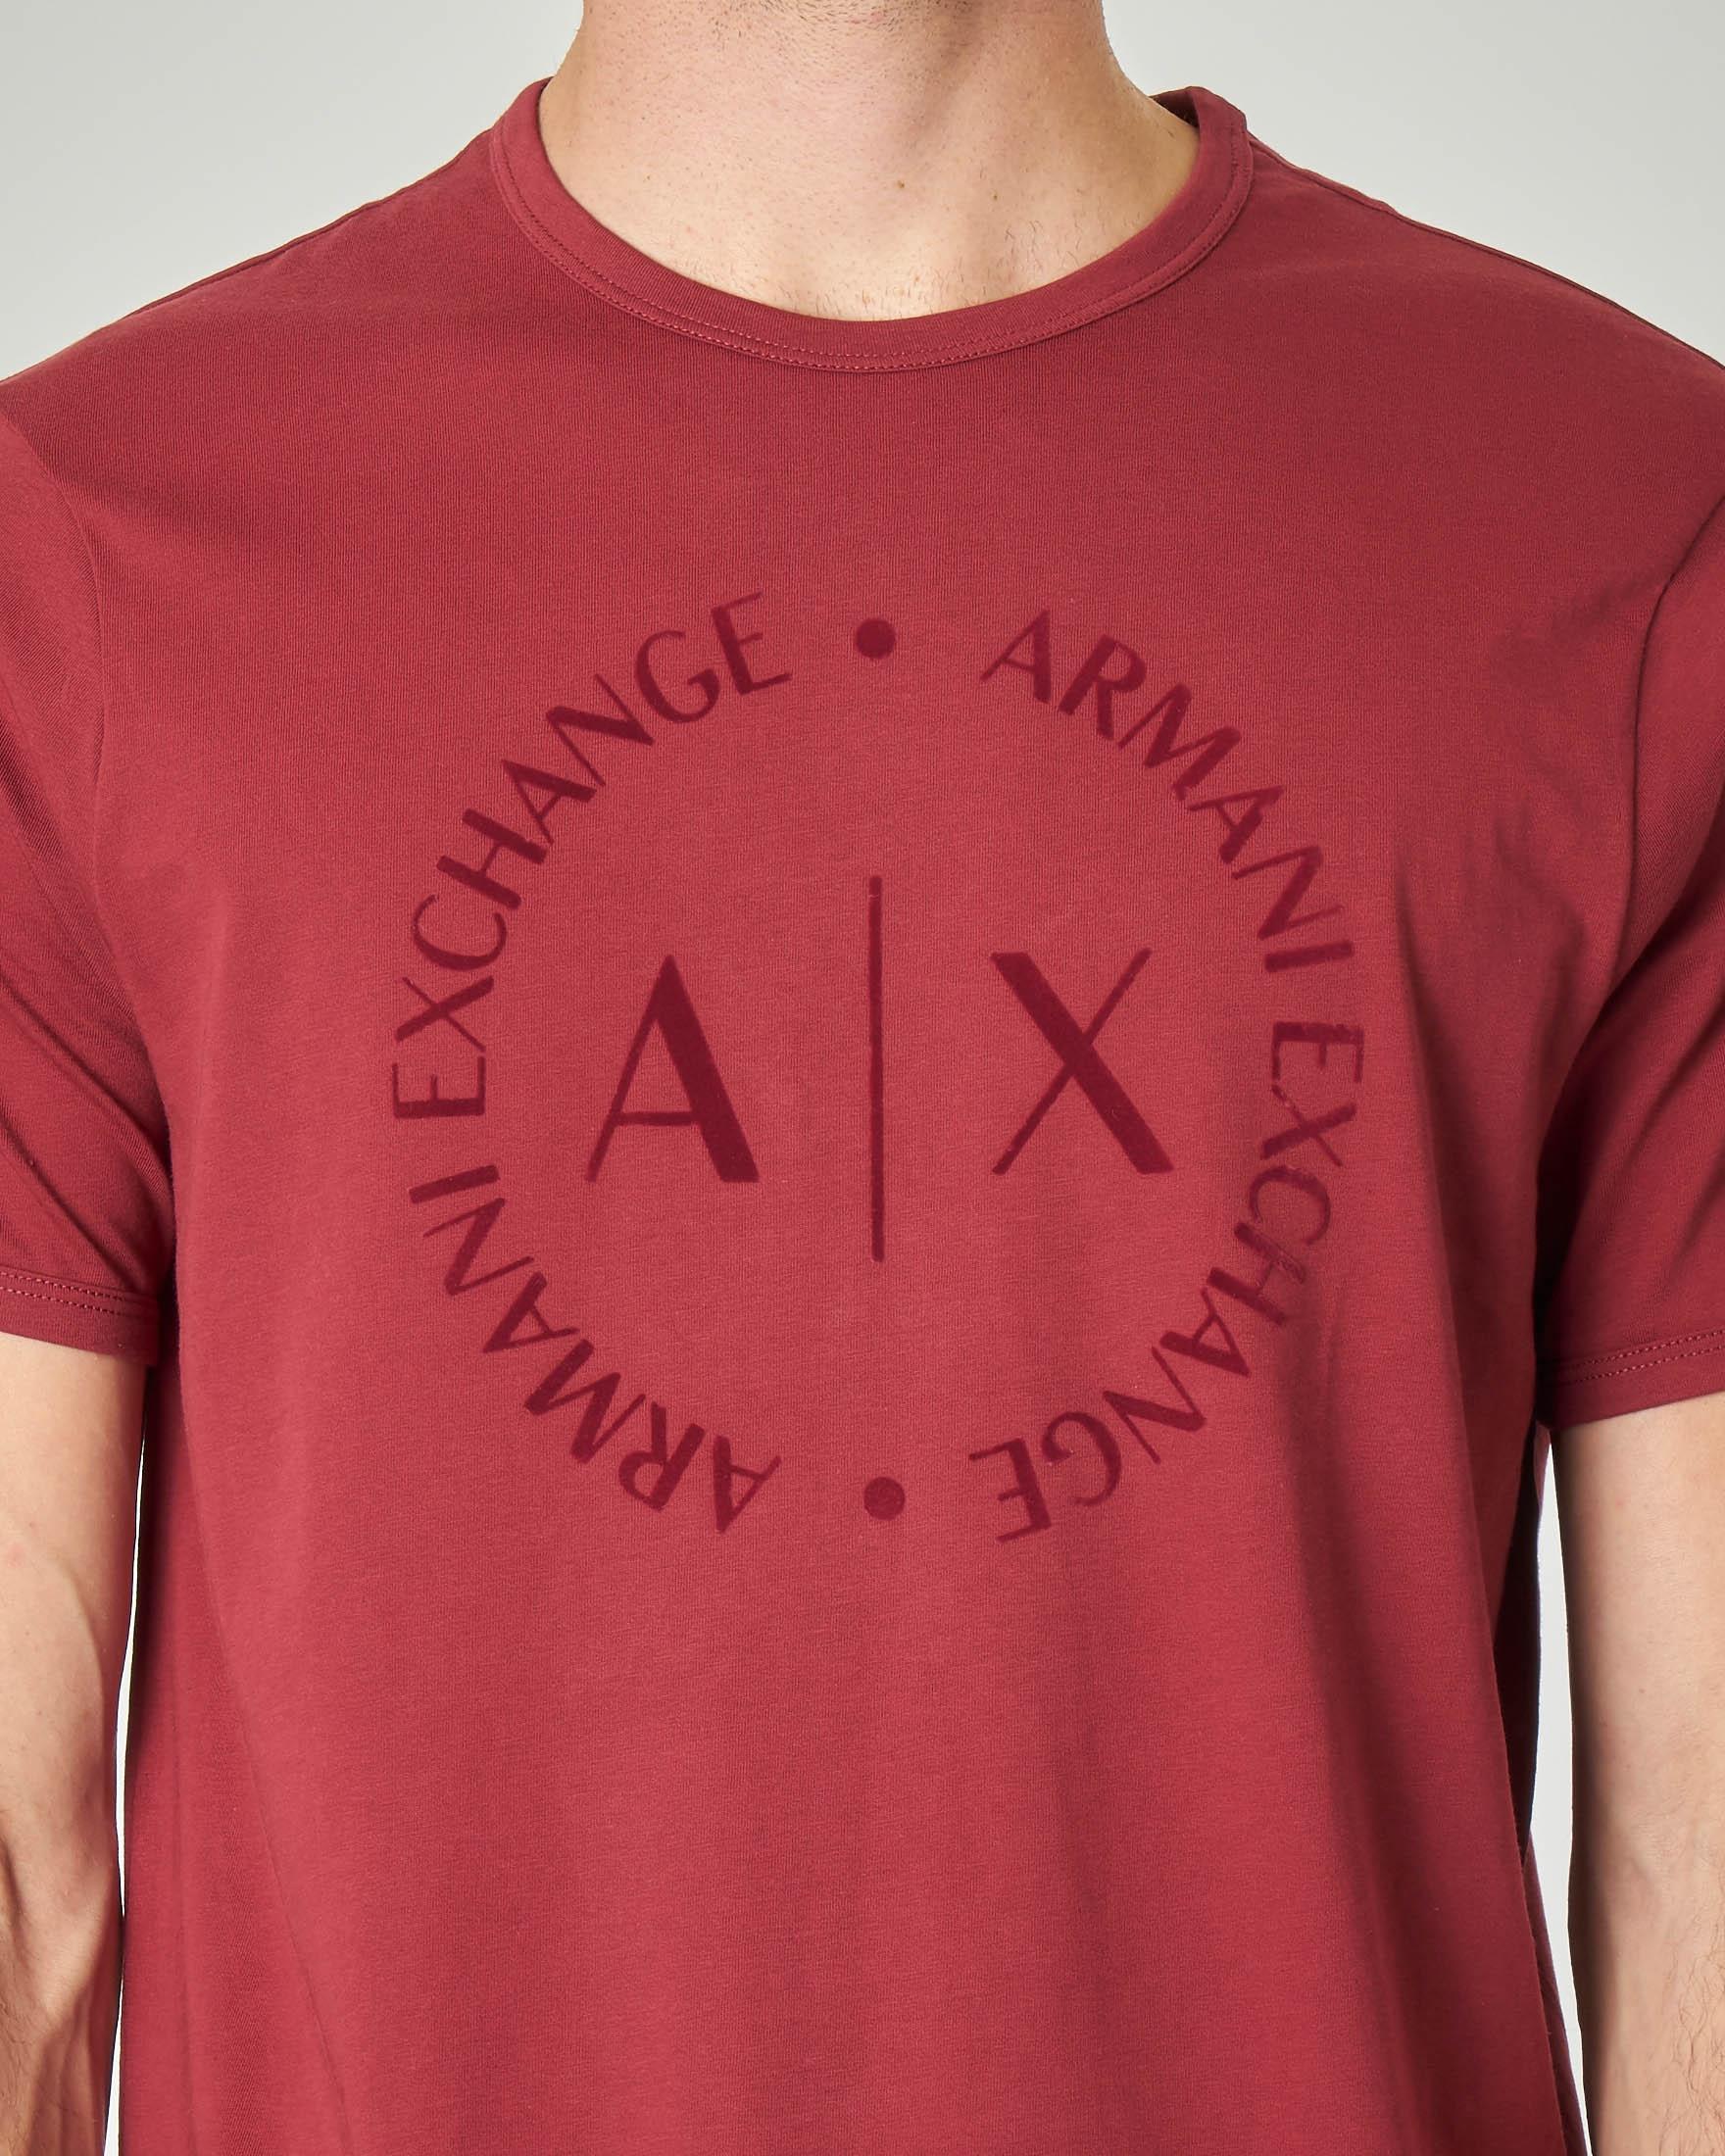 T-shirt bordeaux con logo in rilievo sul petto